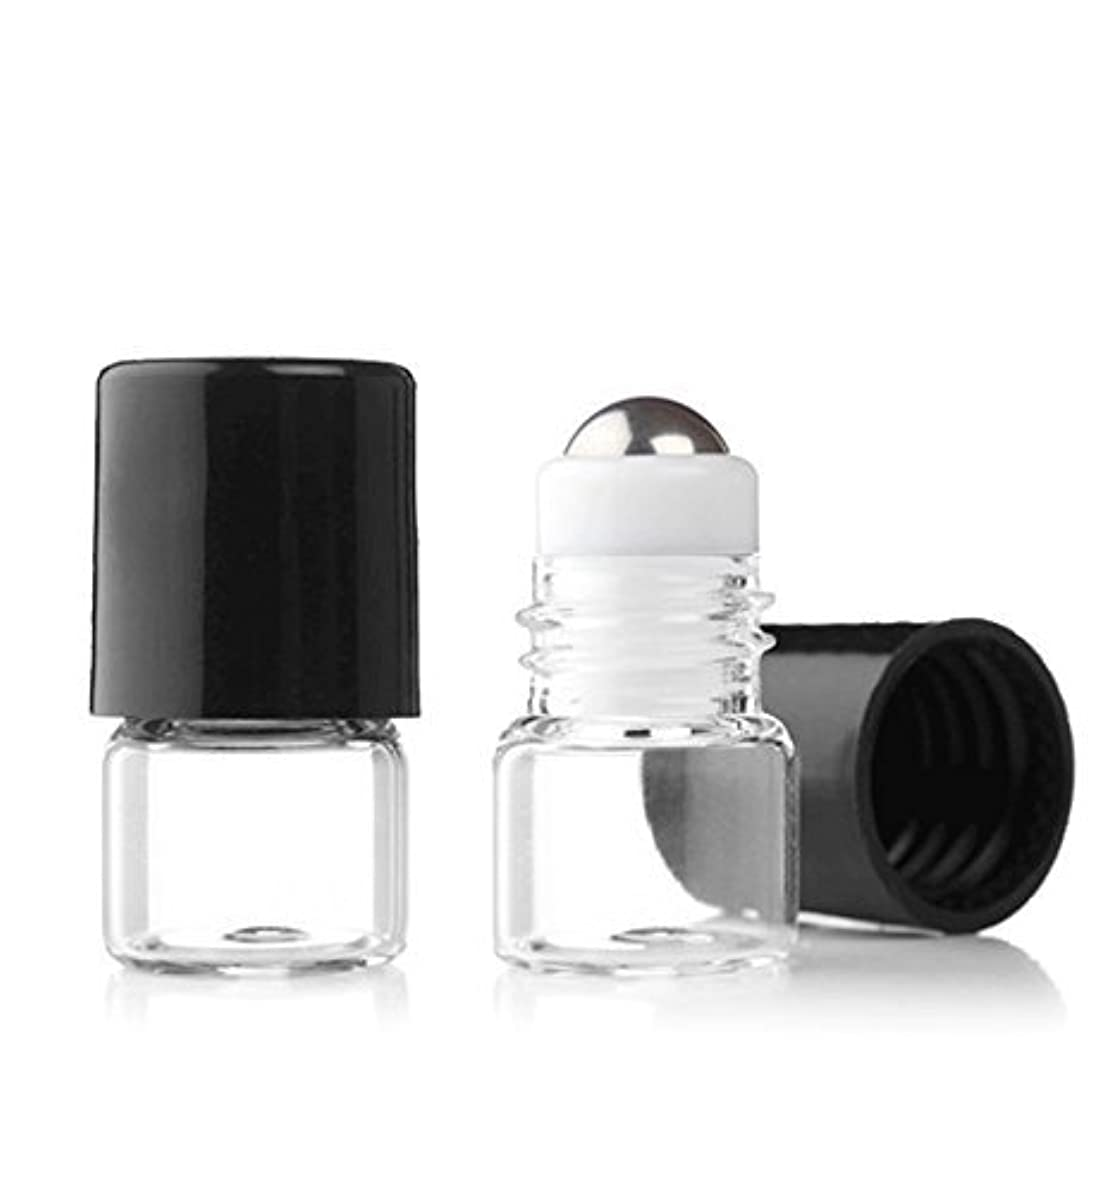 便益下位不適Grand Parfums Empty 1ml Micro Mini Rollon Dram Glass Bottles with Metal Roller Balls - Refillable Aromatherapy Essential Oil Roll On - Bulk - 1/4 Dram Pack of 6 - [並行輸入品]